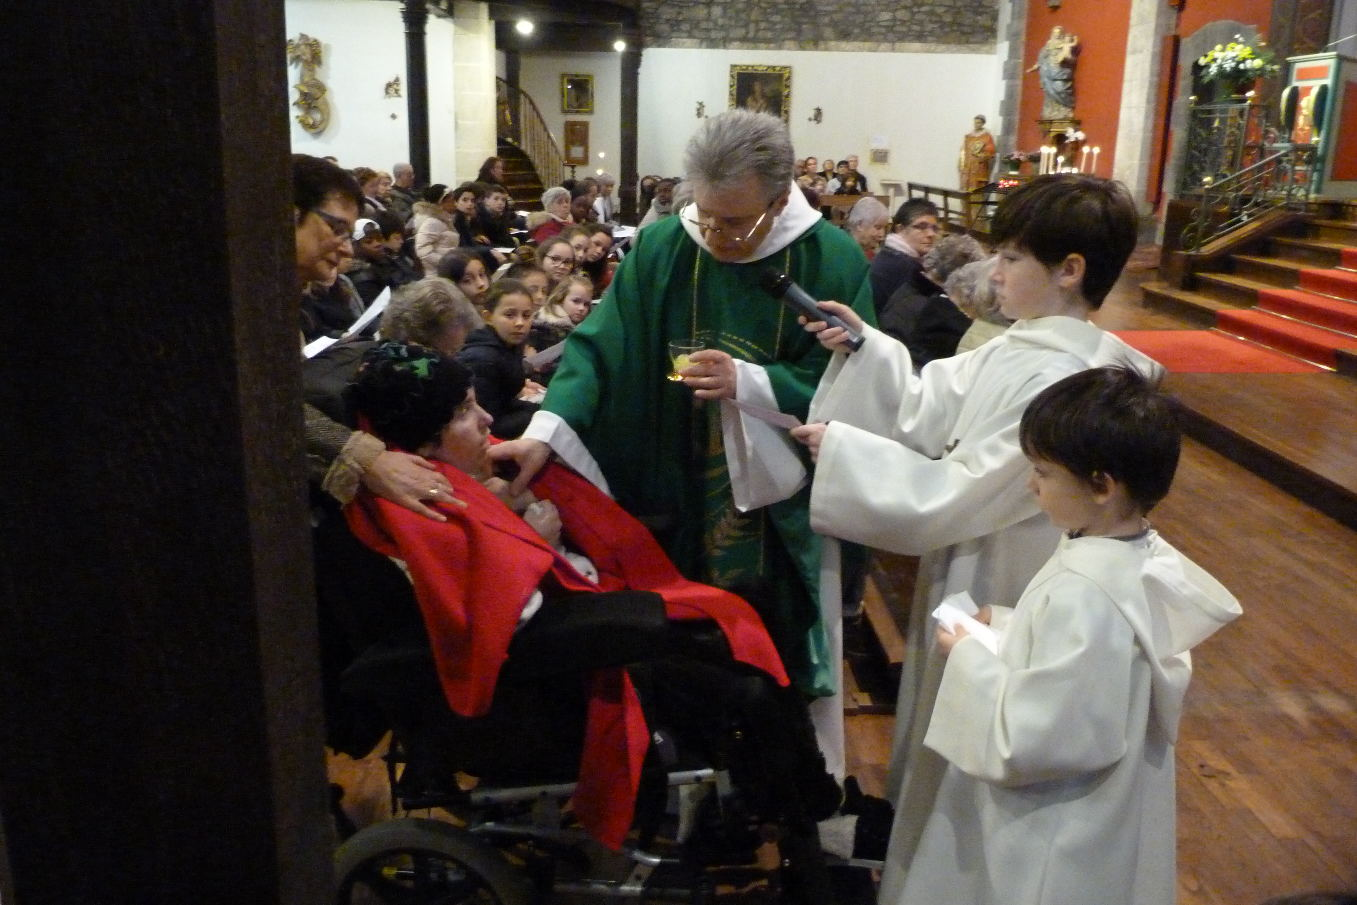 Avec l'aide de Daniel et de Martin, frères, le prêtre, tout en traçant avec l'huile sainte ...